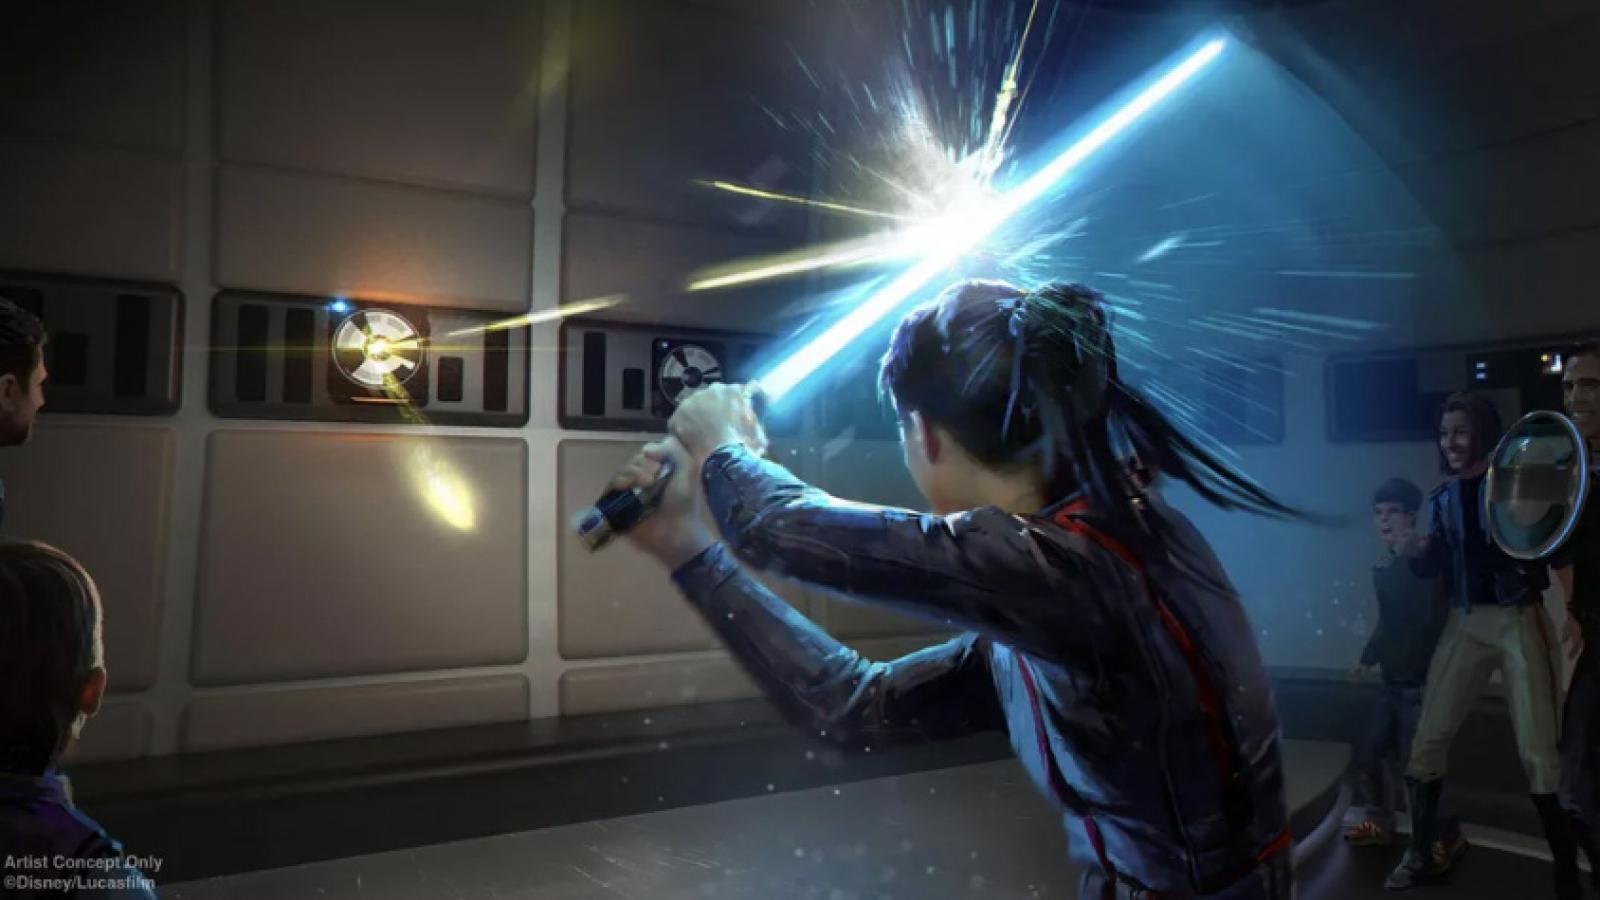 Kiếm Lightsaber trong Star Wars sẽ xuất hiện ngoài đời thực